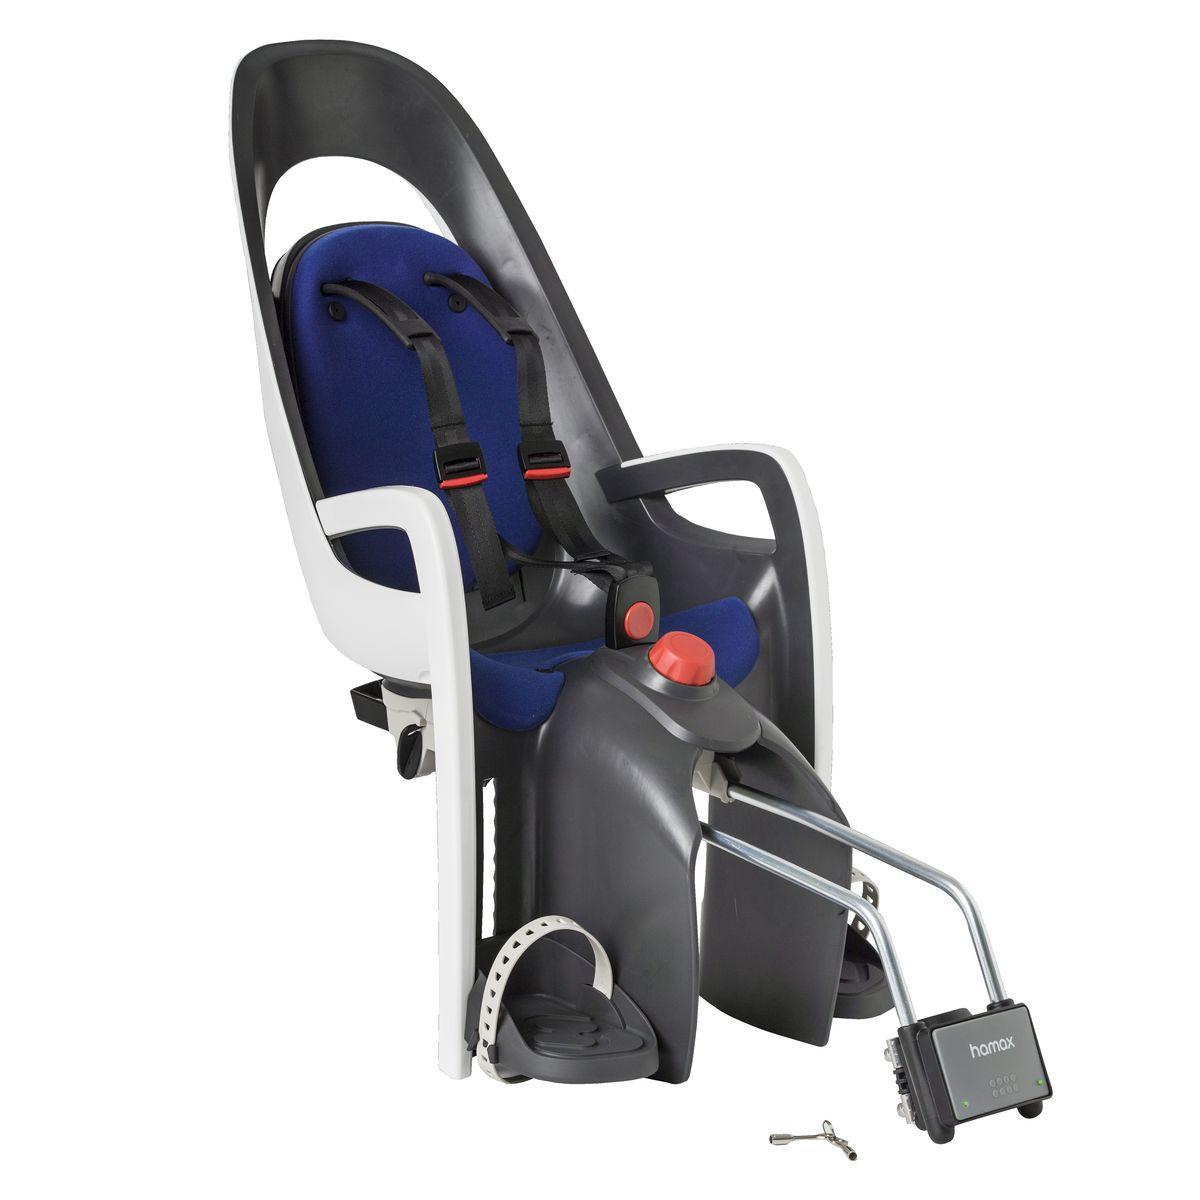 Детское кресло Hamax Caress W/Lockable Bracket, цвет: серый, белый, синий553002Отличительные особенности Hamax Zenith Relax от Hamax Zenith - это наличие регулировки угла наклона кресла в 20°.Дополнительные мягкие пряжки для фиксации ребенка в кресле очень легкие и комфортные, но при этом обеспечивают надежную фиксацию ребенка в велокресле, позволяя при необходимости совершать резкие маневры и торможения. Эргономика велокресла расчитанна так что спинка кресла не будет мешать голове ребенка в моменты когда он хочет откинуться назад кресла в шлеме. Механизмы регулировки застежек позволяют комфортно отрегулировать их вместе с ростом ребенка. Особенности модели: - Регулировка высоты велокресла- Запираемый кронштейн крепления- Проработанная эргономика кресла для максимально комфортной посадки- 3-точечные ремни безопасности с дополнительным кронштейном для фиксации в районе груди и обеспечения ребенку безопасной и удобной посадки- Специальная конструкция пряжек ремней безопасности/фиксации для предотвращения саморастегвания ребенка- Простое в использование, полностью соответствующее всем Европейским стандартам безопасности- Возможность установить на любом велосипеде как с багажником, так и без- Предназначенно для детей в возрасте старше 9 месяцев и весом до 22 кг- Регулируемый ремень безопасности и подножки- Регулировка подножек одной рукой- Встроенные отражатели для улучшения видимости кресла- Мягкие плечевые пряжки ремней- Детское велосиденье благодаря удобному и надежному замку фиксации легко ставиться и снимаеться с велосипеда- Несущие дуги крепления велокресла обеспечивает отличную амортизацию- Подходит для подседельных труб рамы велосипеда диаметром от 28 до 40 мм (круглые и овальные) - Система крепления велокресла не мешает тросам переключения передач